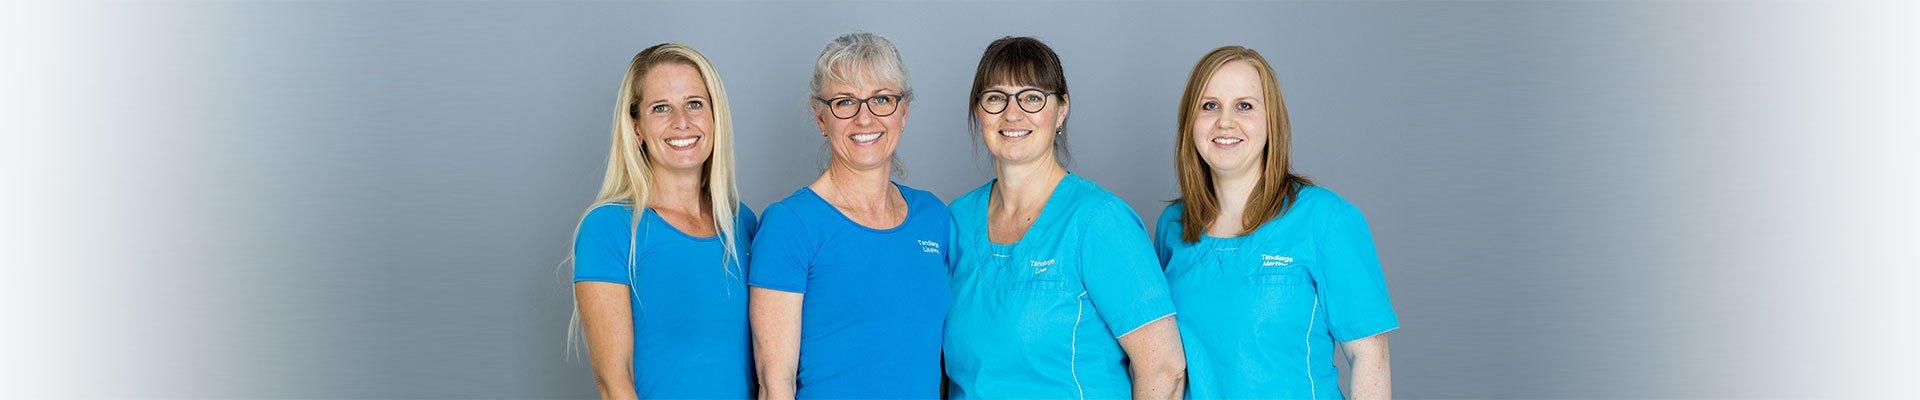 Tandlægerne Ditte-Lisanne-Lone og Martine